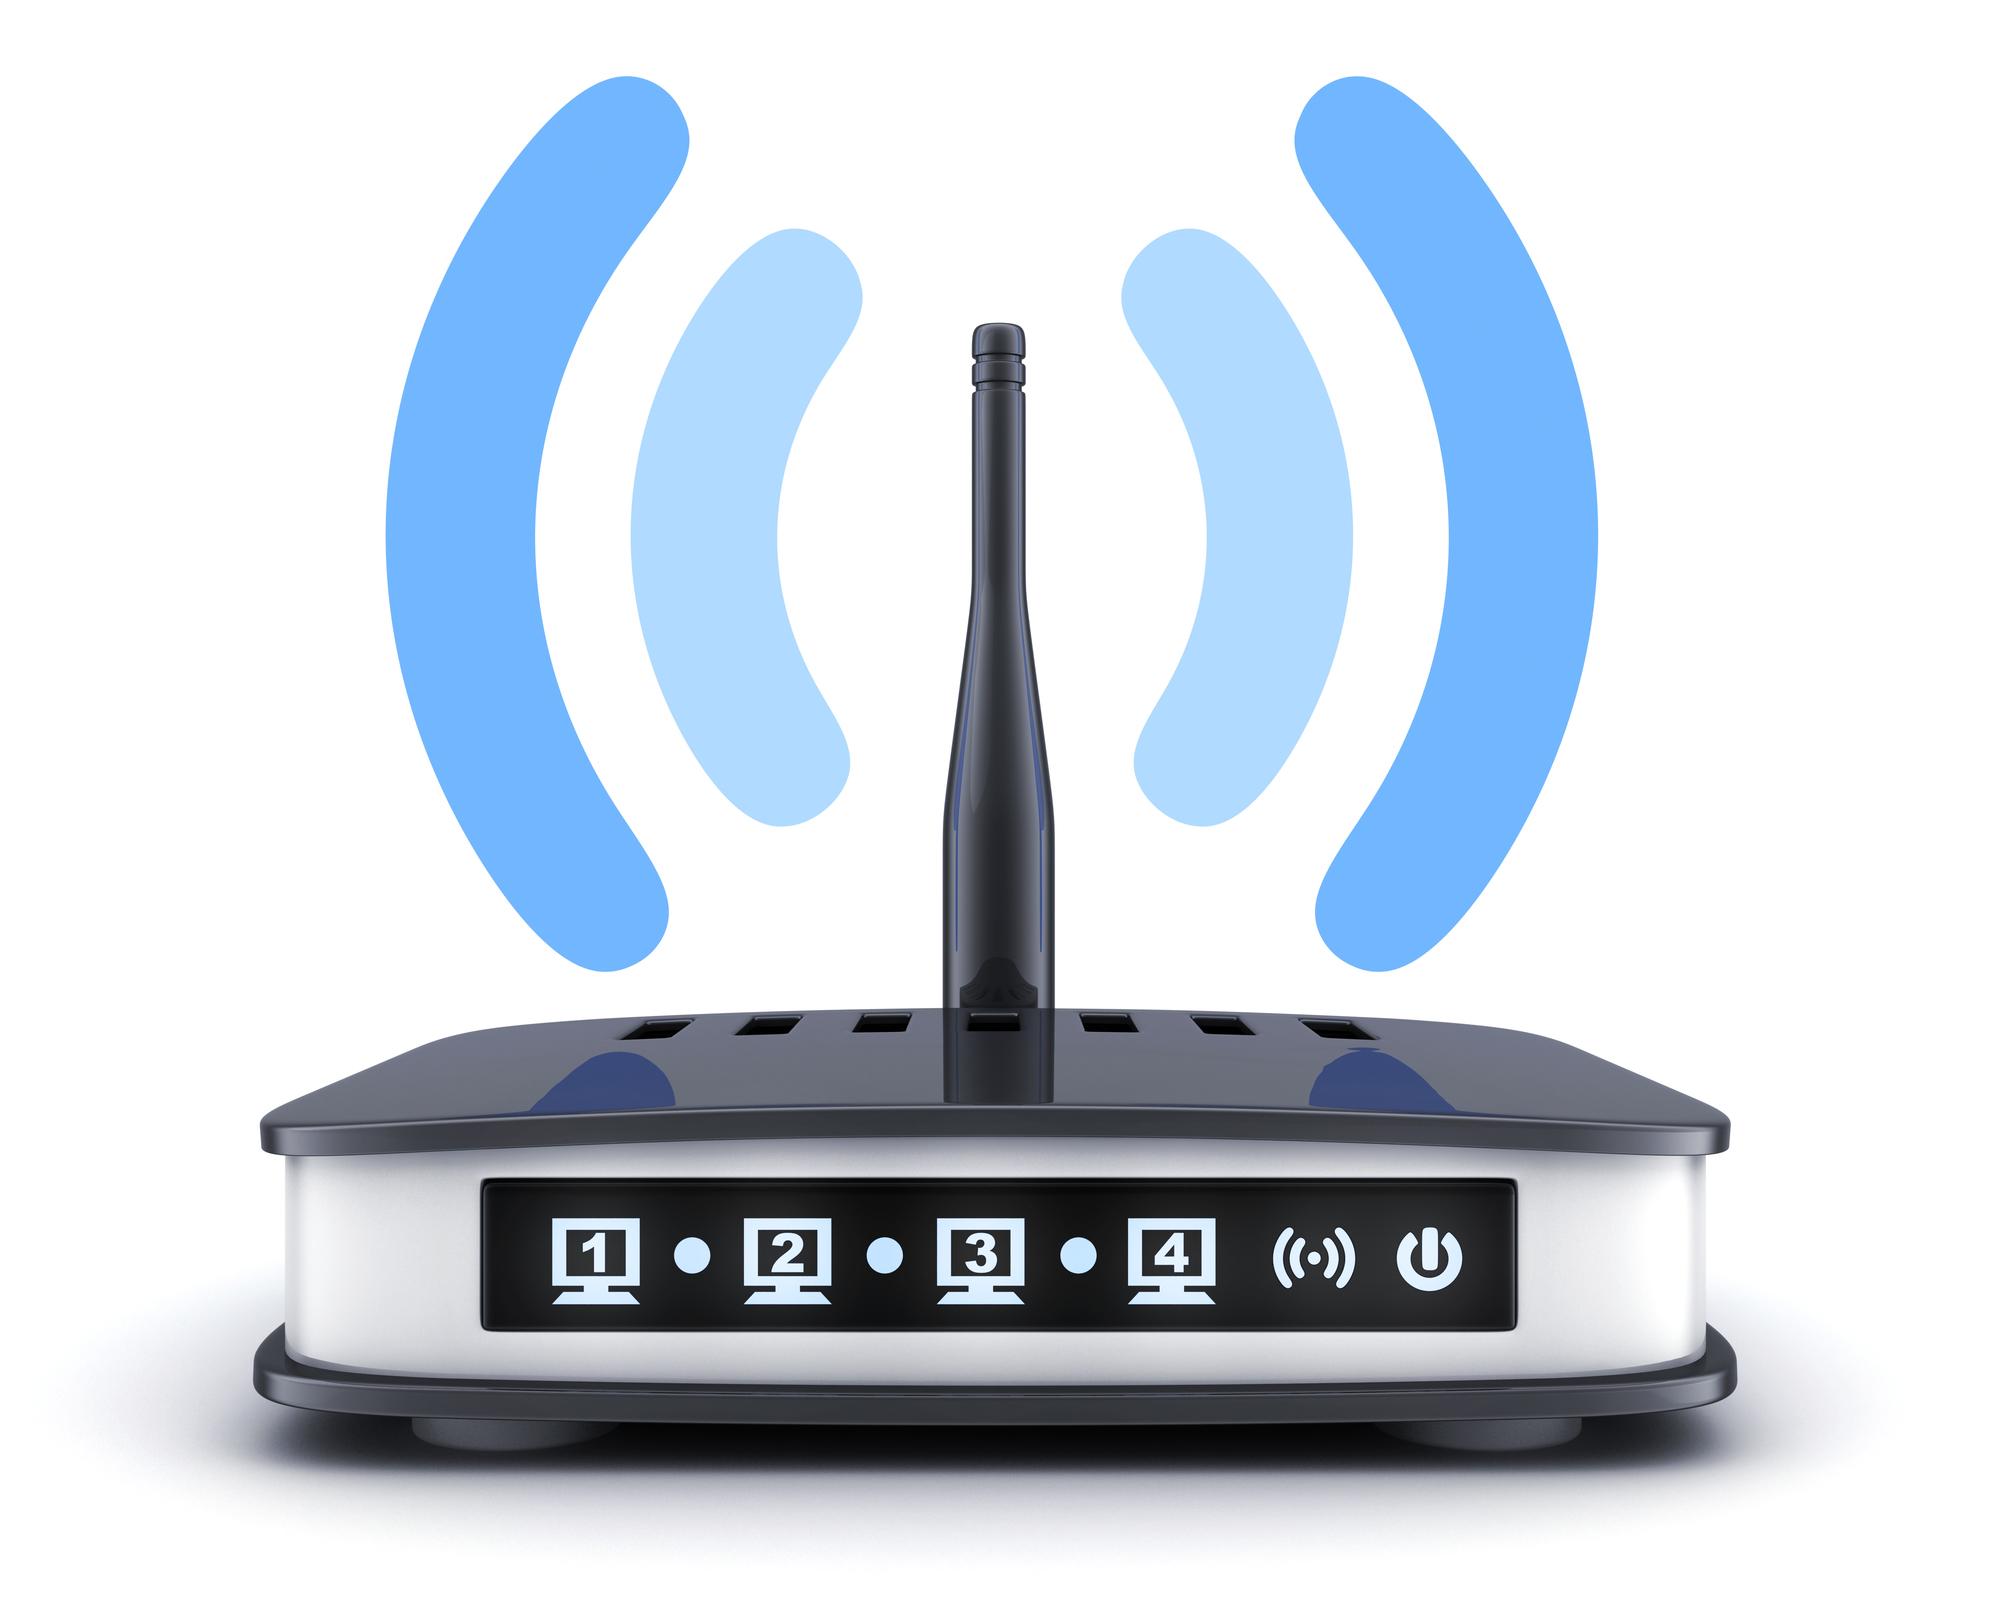 Wi-Fiを購入する前に知っておきたいこと!おすすめのWi-Fiを種類ごとにご紹介イメージ画像